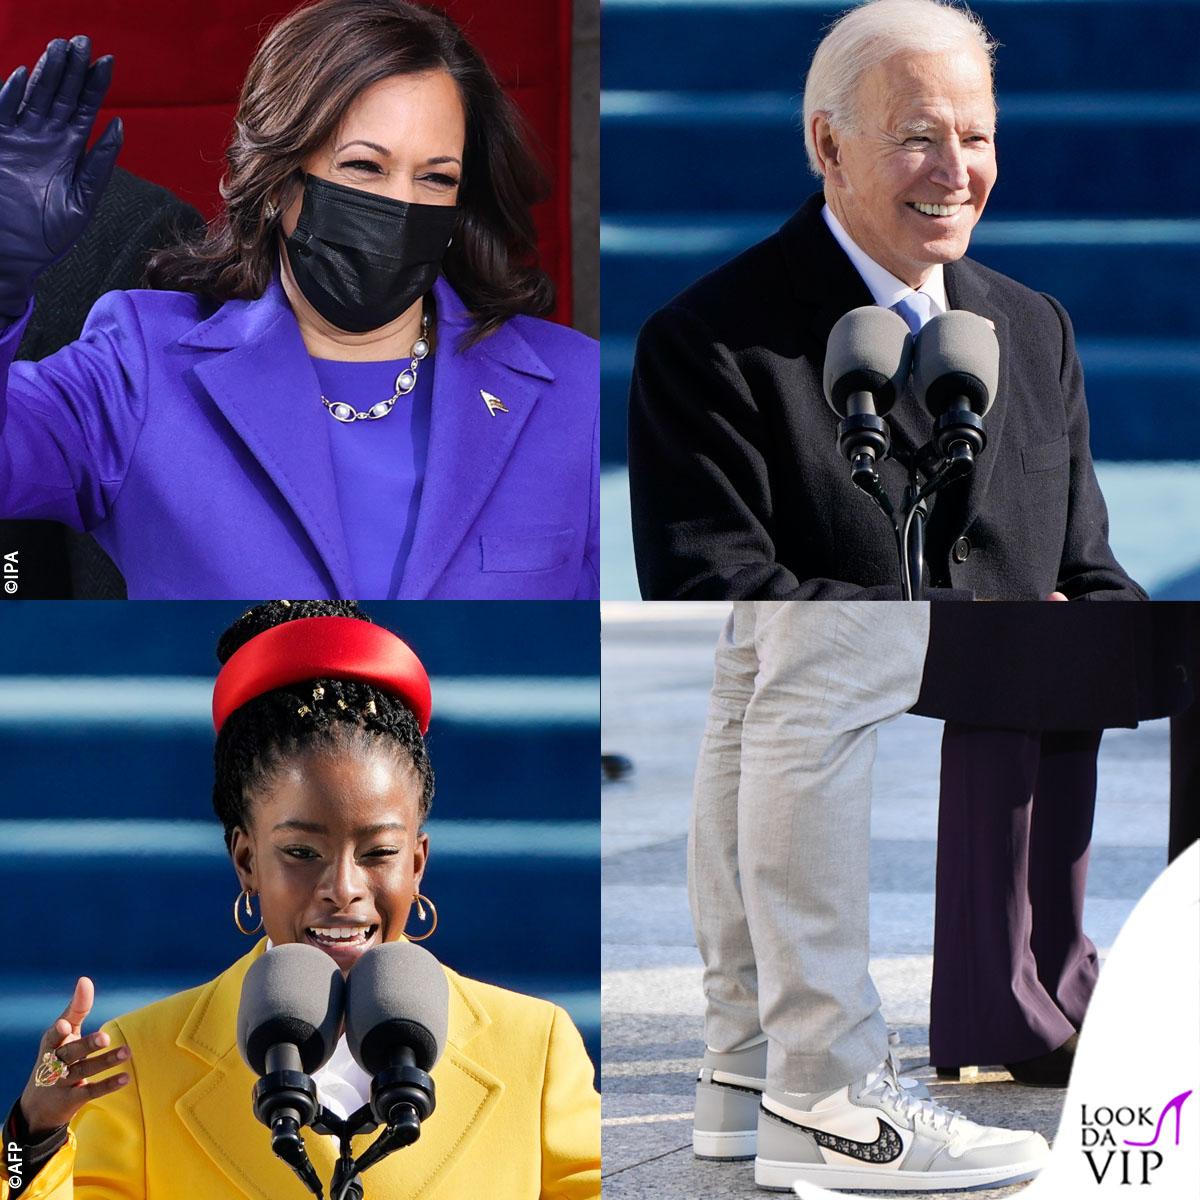 Inauguration Day, dalle perle di Kamala al giallo di Amanda: 5 chicche fashion